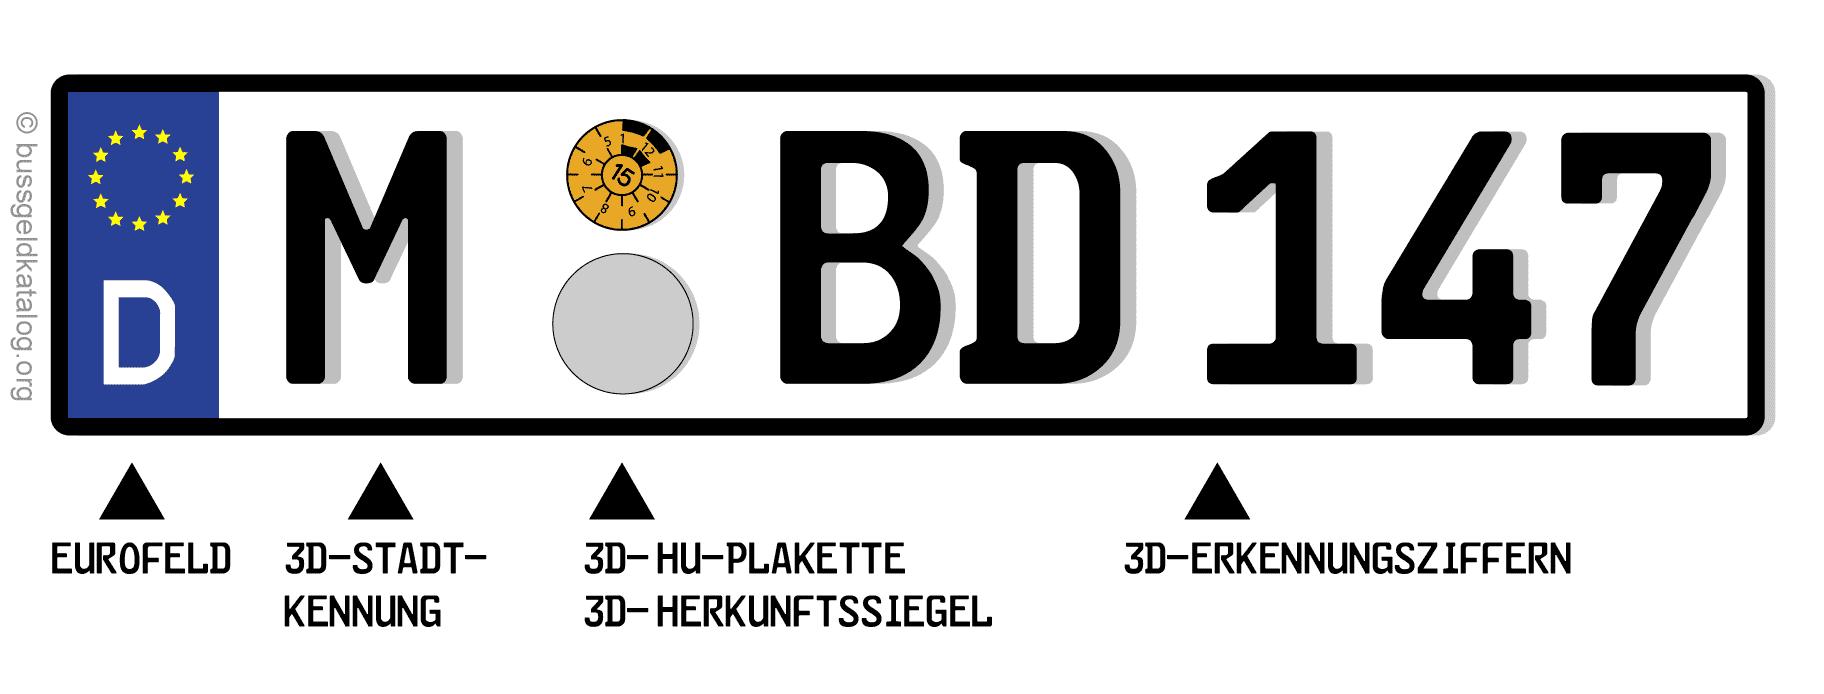 Das 3D-Kennzeichen bietet eine Dreidimensionalität auf Ihrem Kennzeichen.